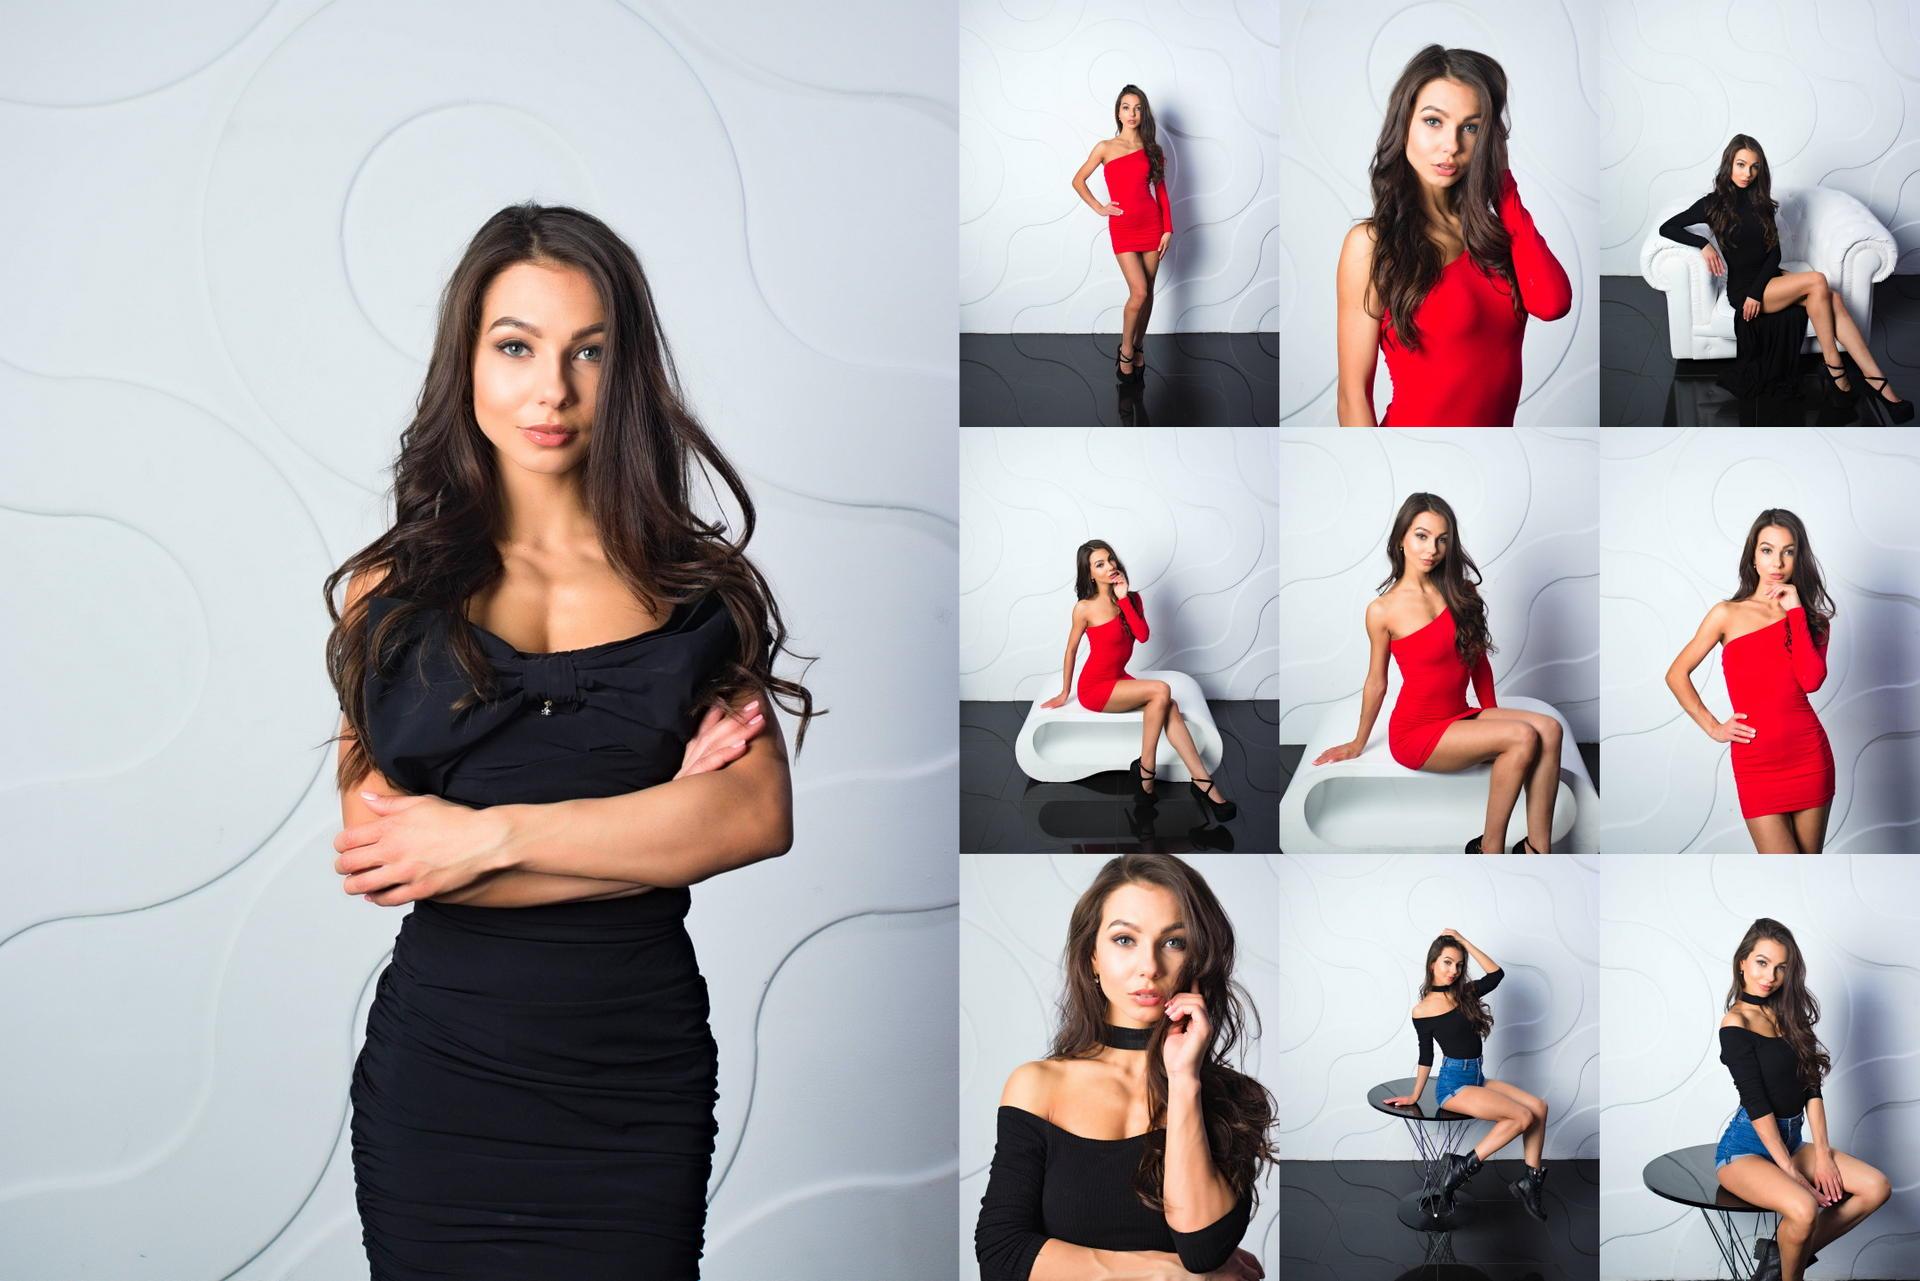 Работа моделью в фотостудии заработать моделью онлайн в краснотурьинск